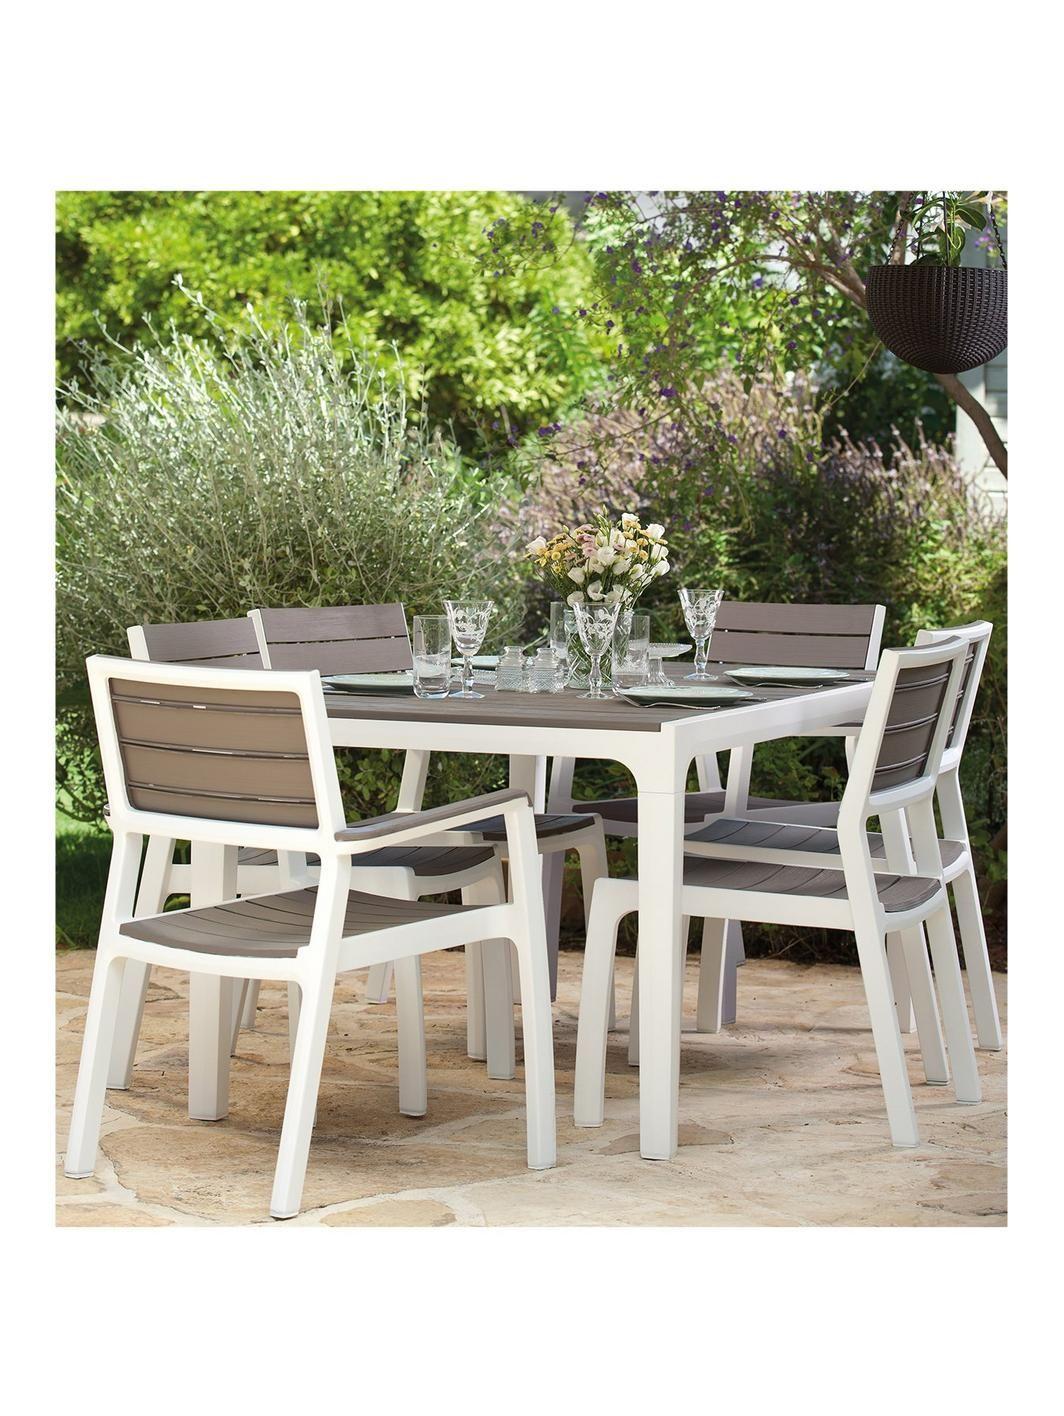 Pin by Lara Brook on Garden Ideas  6092748684